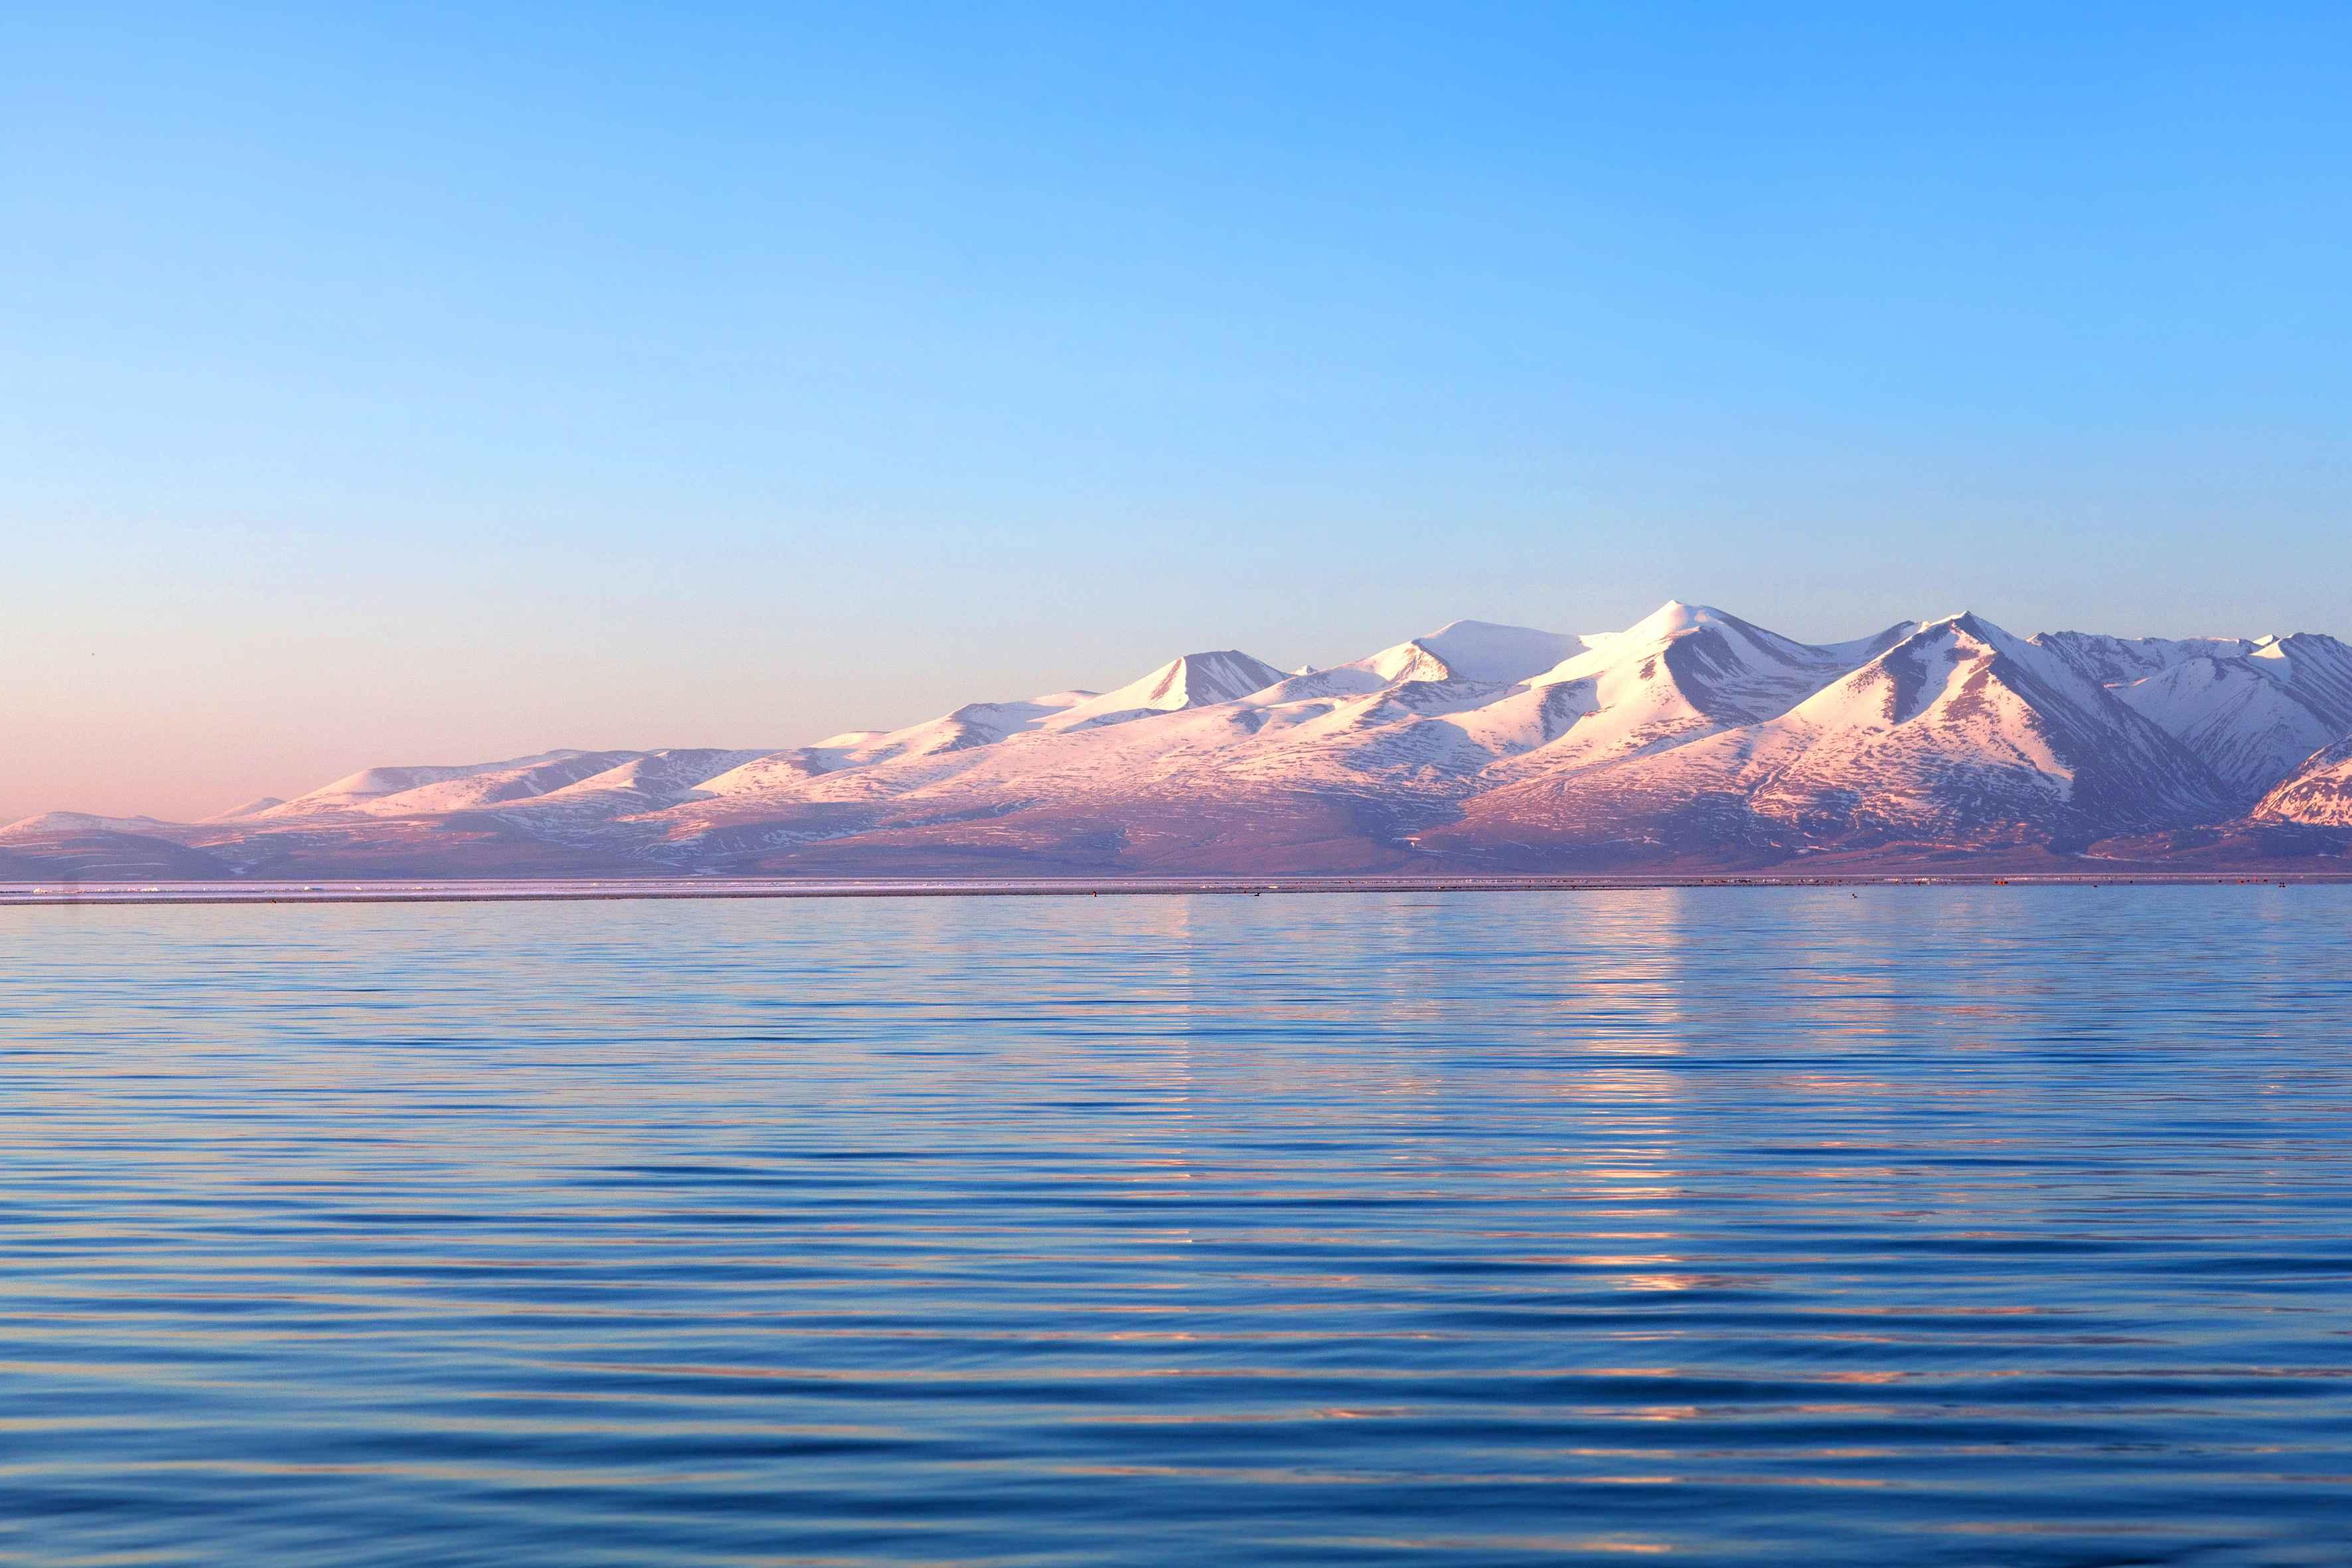 Manasarovar lake